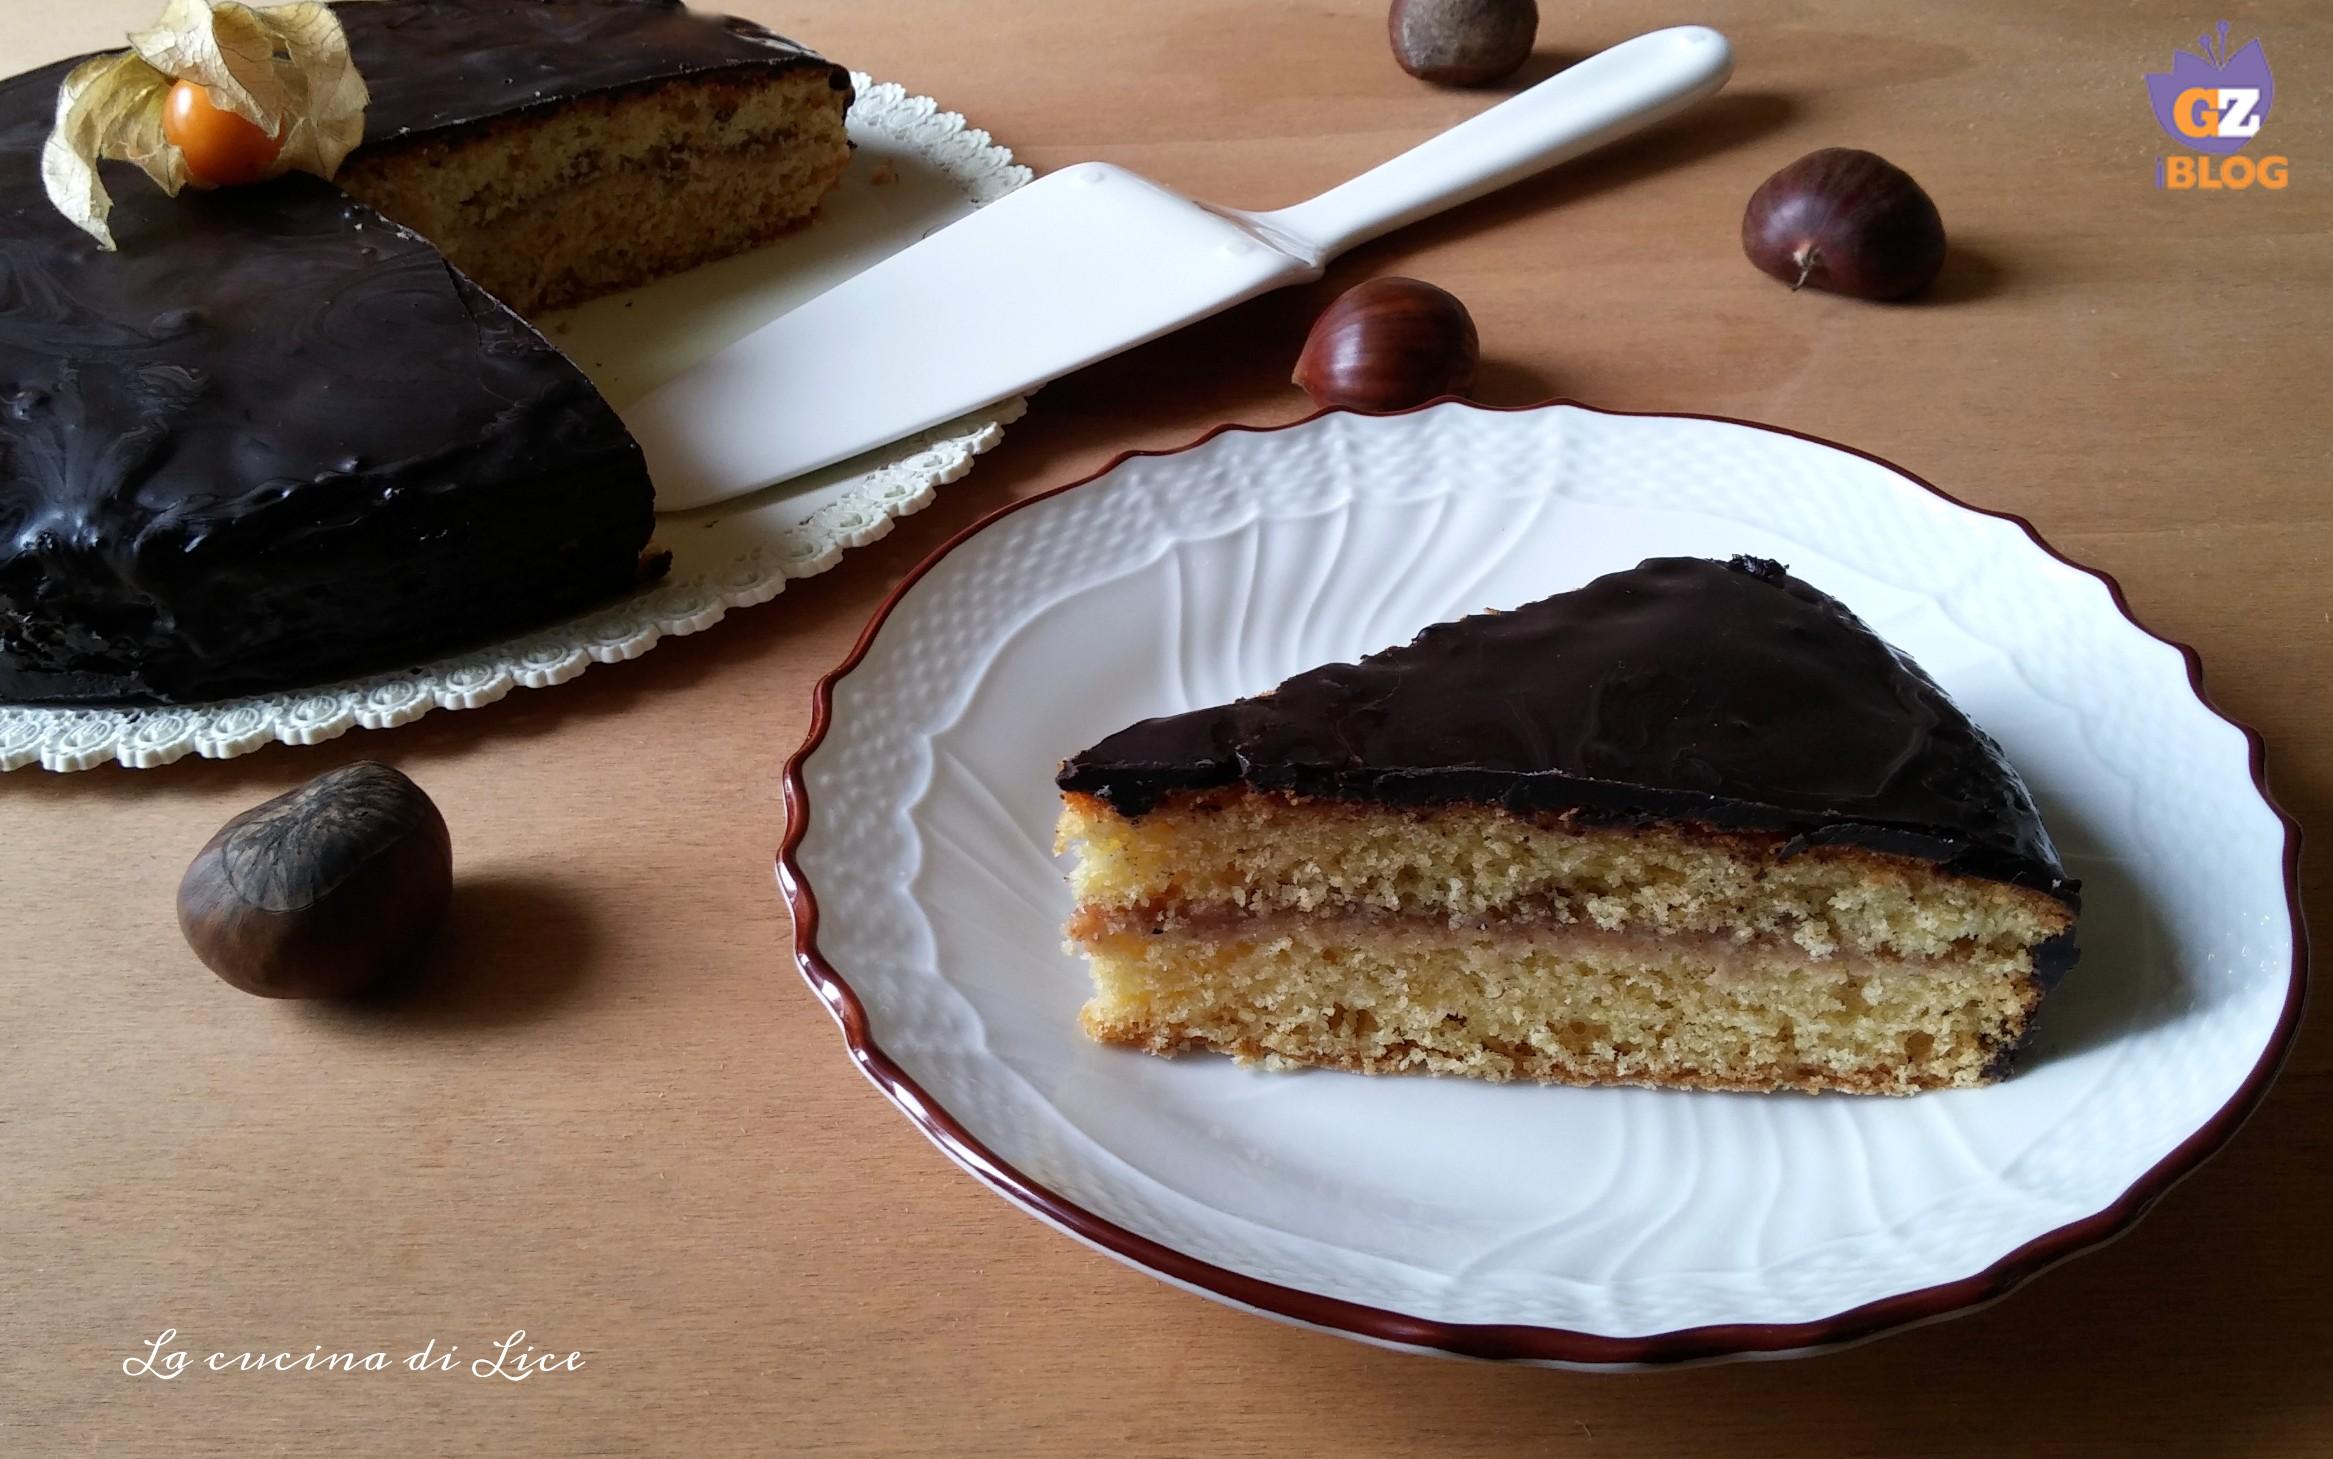 Torta con crema di marroni e panna